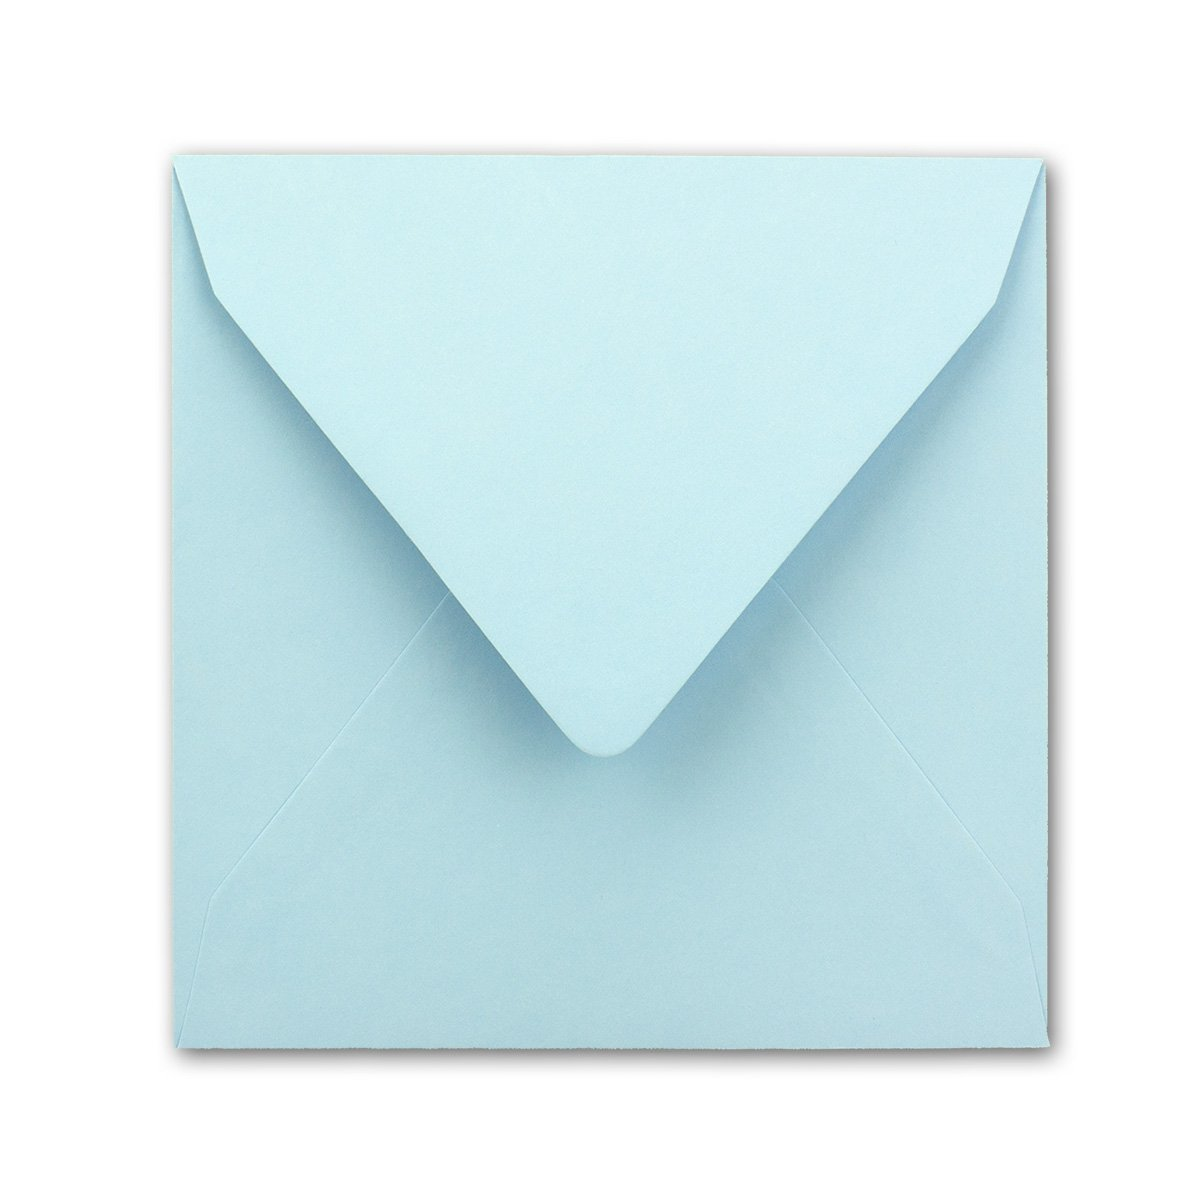 155 x 155 mm Quadratische Brief-Umschl/äge Serie FarbenFroh/® F/ür Einladungen /& Hochzeit! Nassklebung Farbe Hellblau 75 St/ück